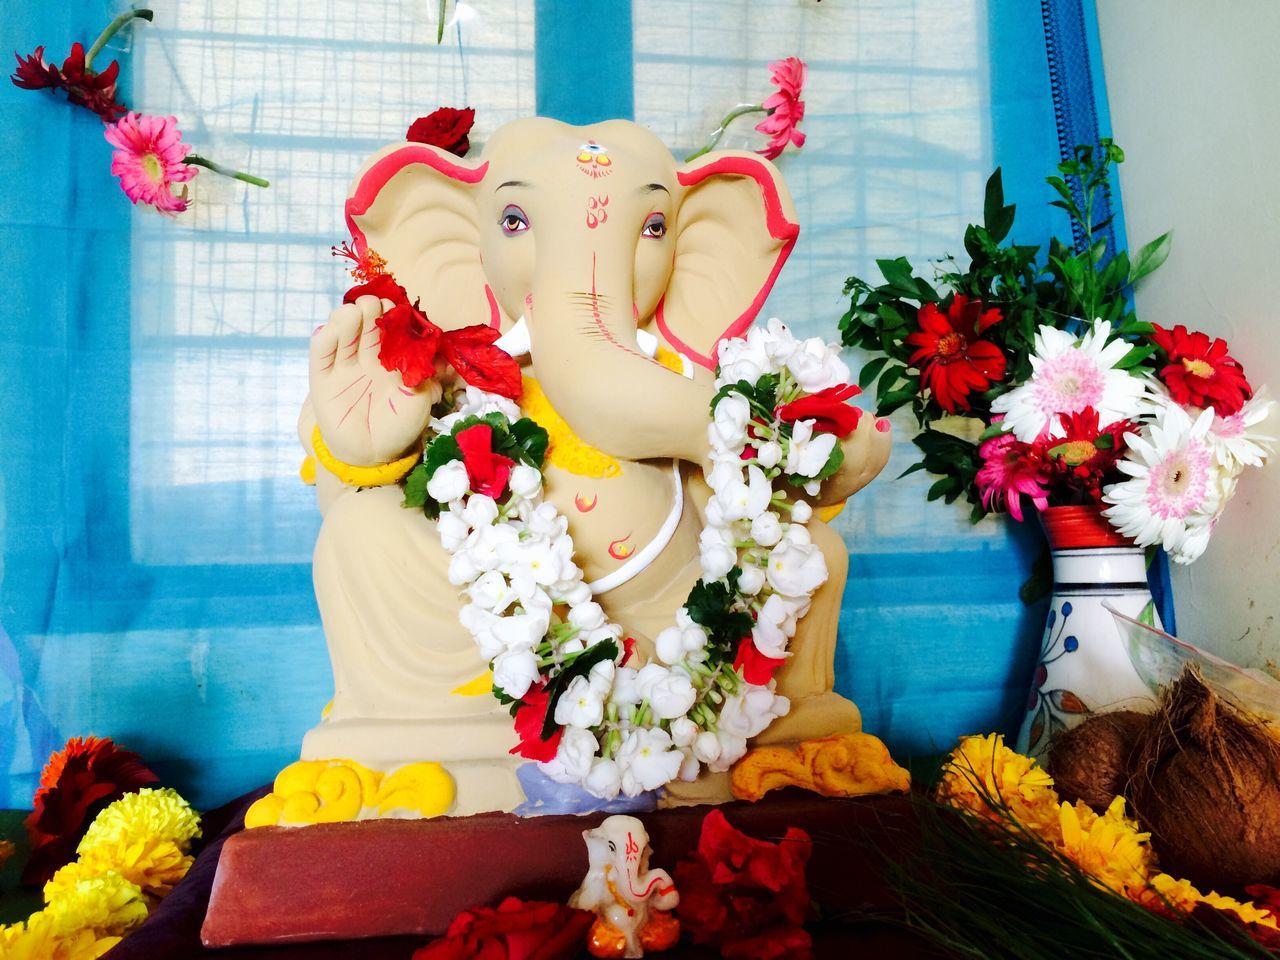 Ganpati Chaturthi In MumbaiHuman Representation Indoors  Flower Art And Craft GanpatiBappa Mumbai GaneshChaturthi Ganesha Ganeshfestival Ravi